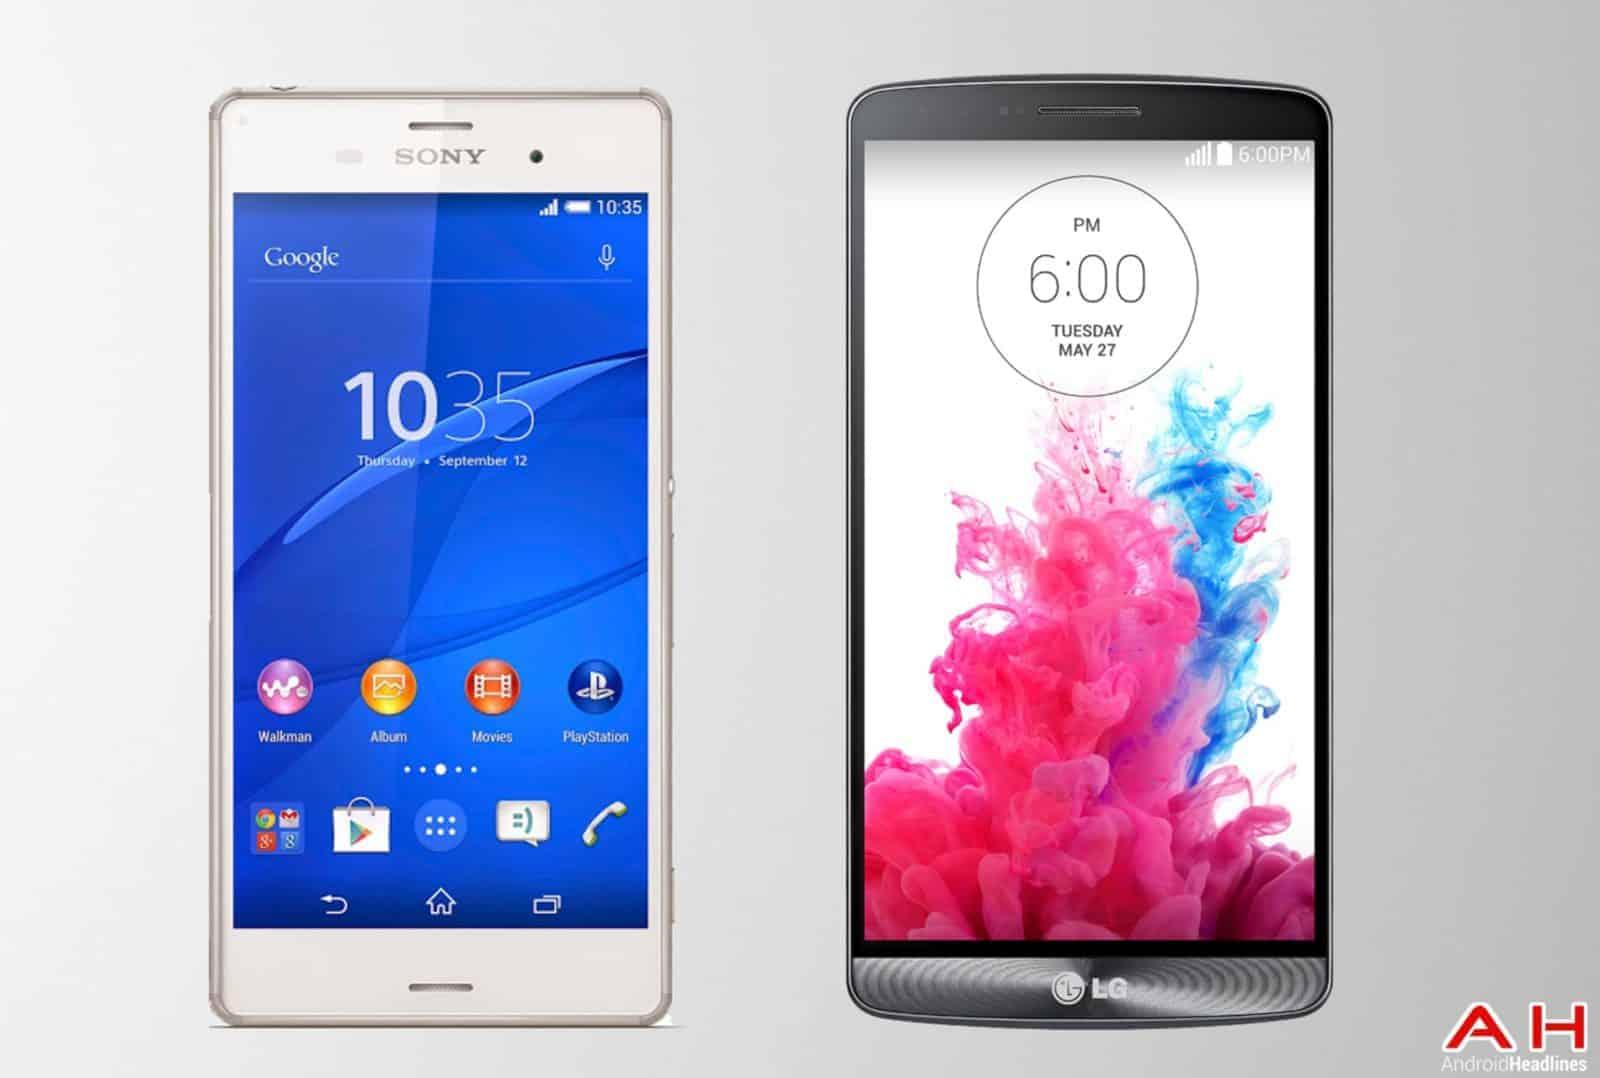 AH Sony Xperia Z3 vs LG G3